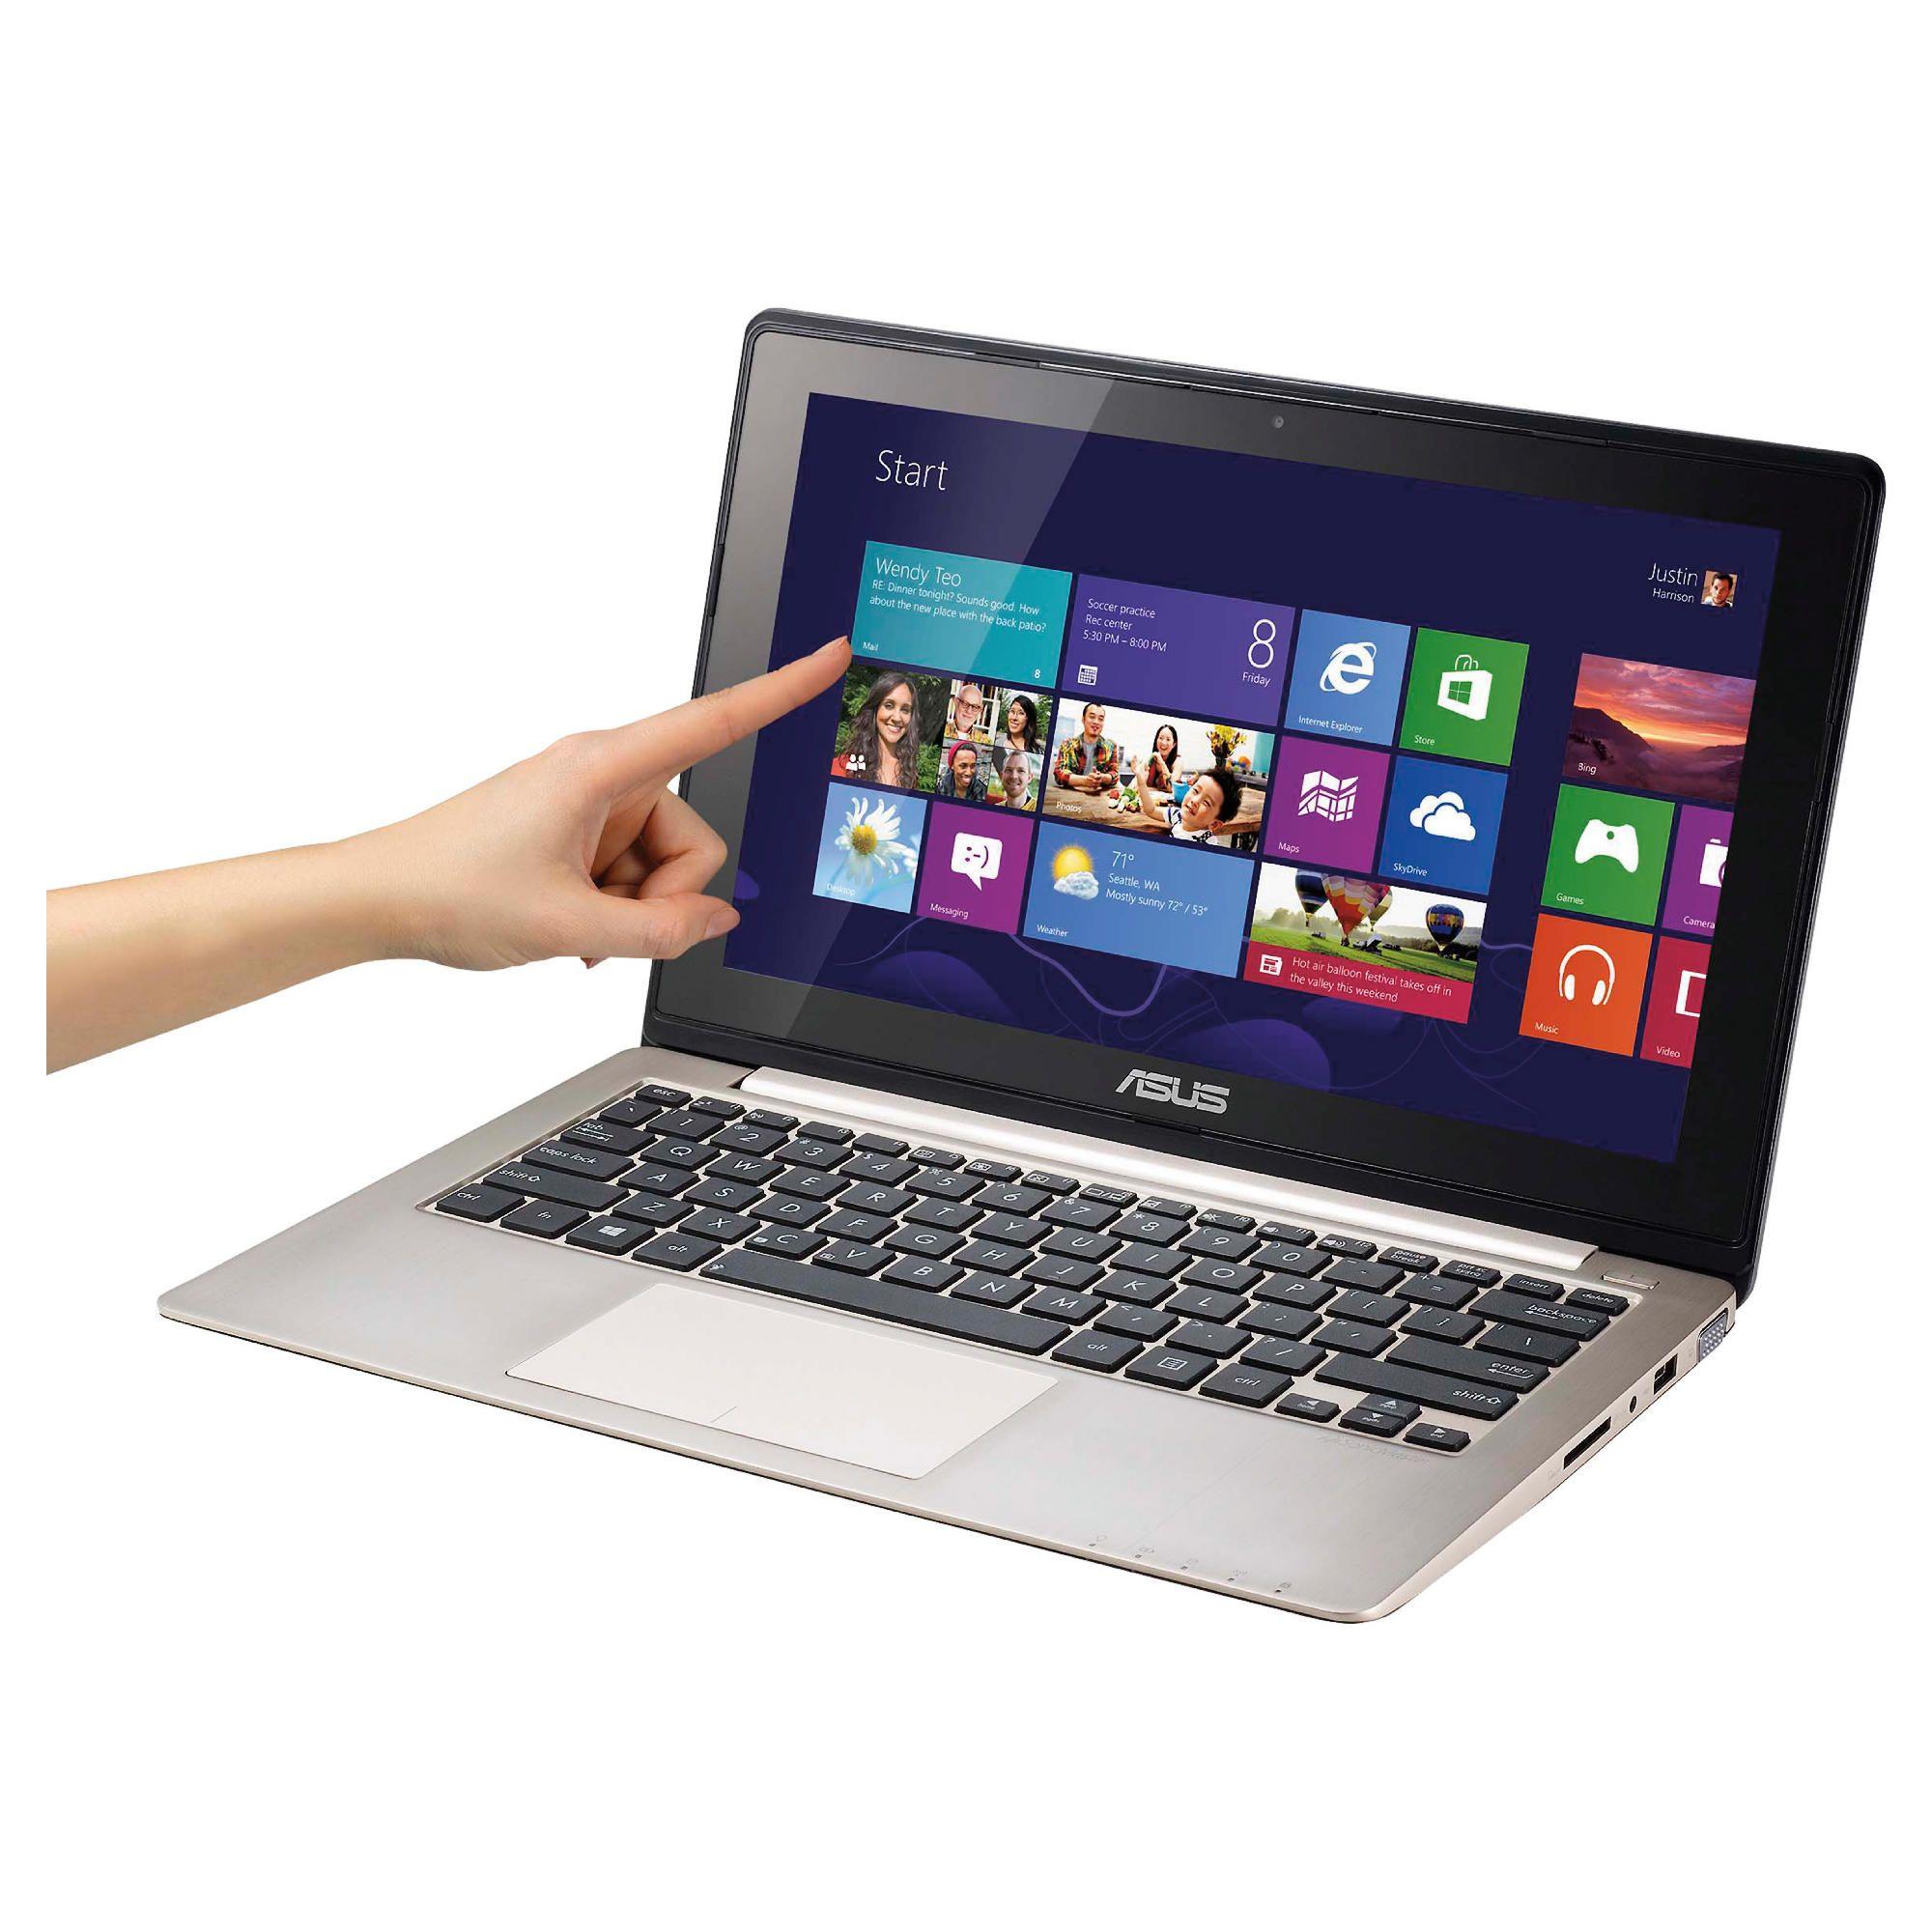 Asus S200E Pentium Dual-Core 4GB 500GB Dark Grey Laptop